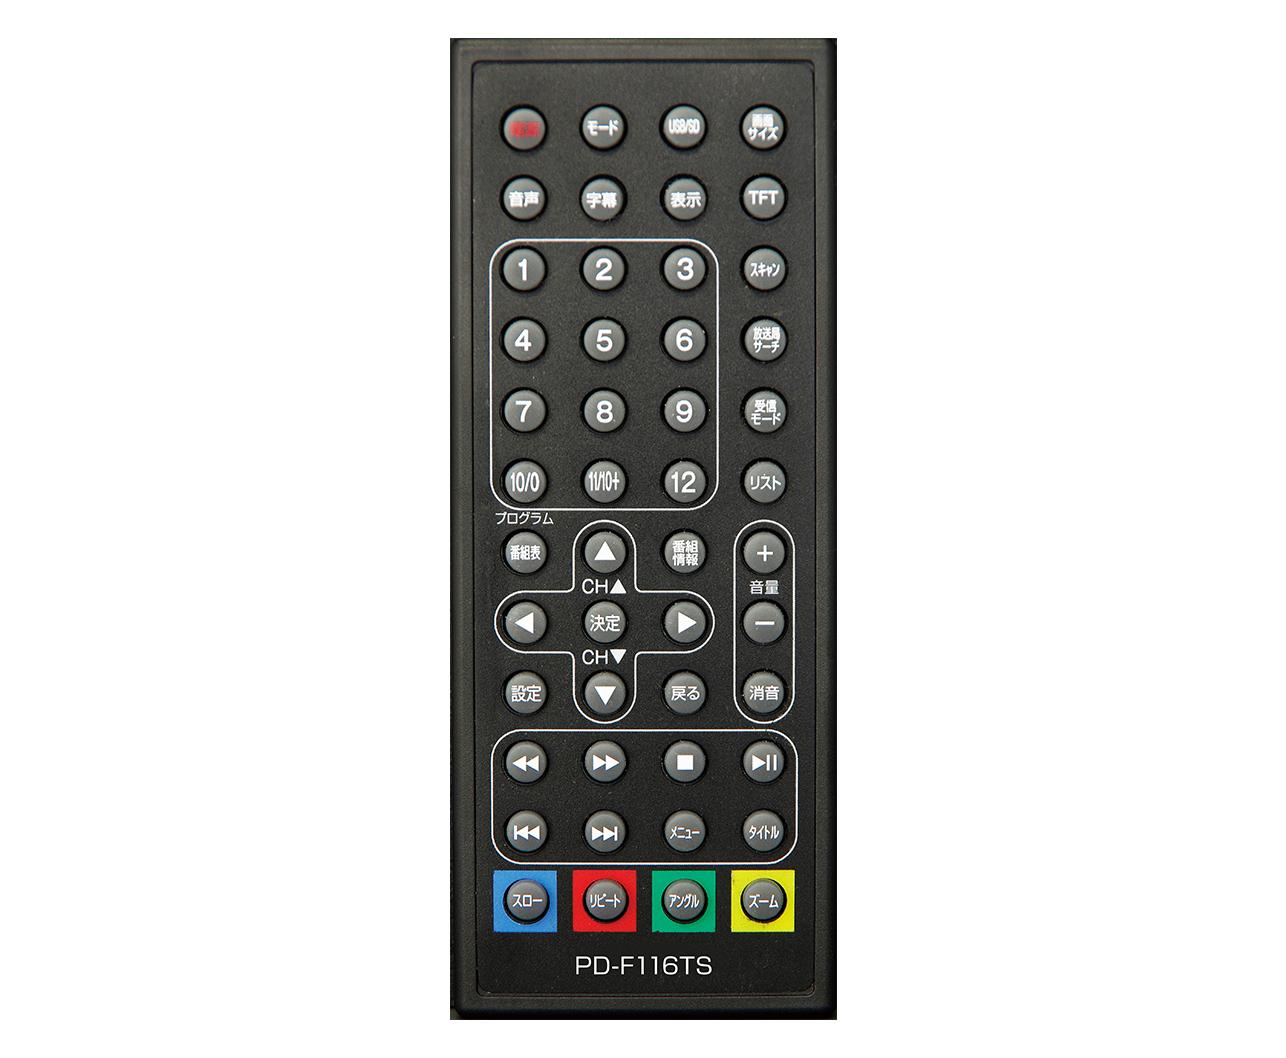 11.6型高精細モニター搭載地デジ対応ポータブルDVDプレーヤー